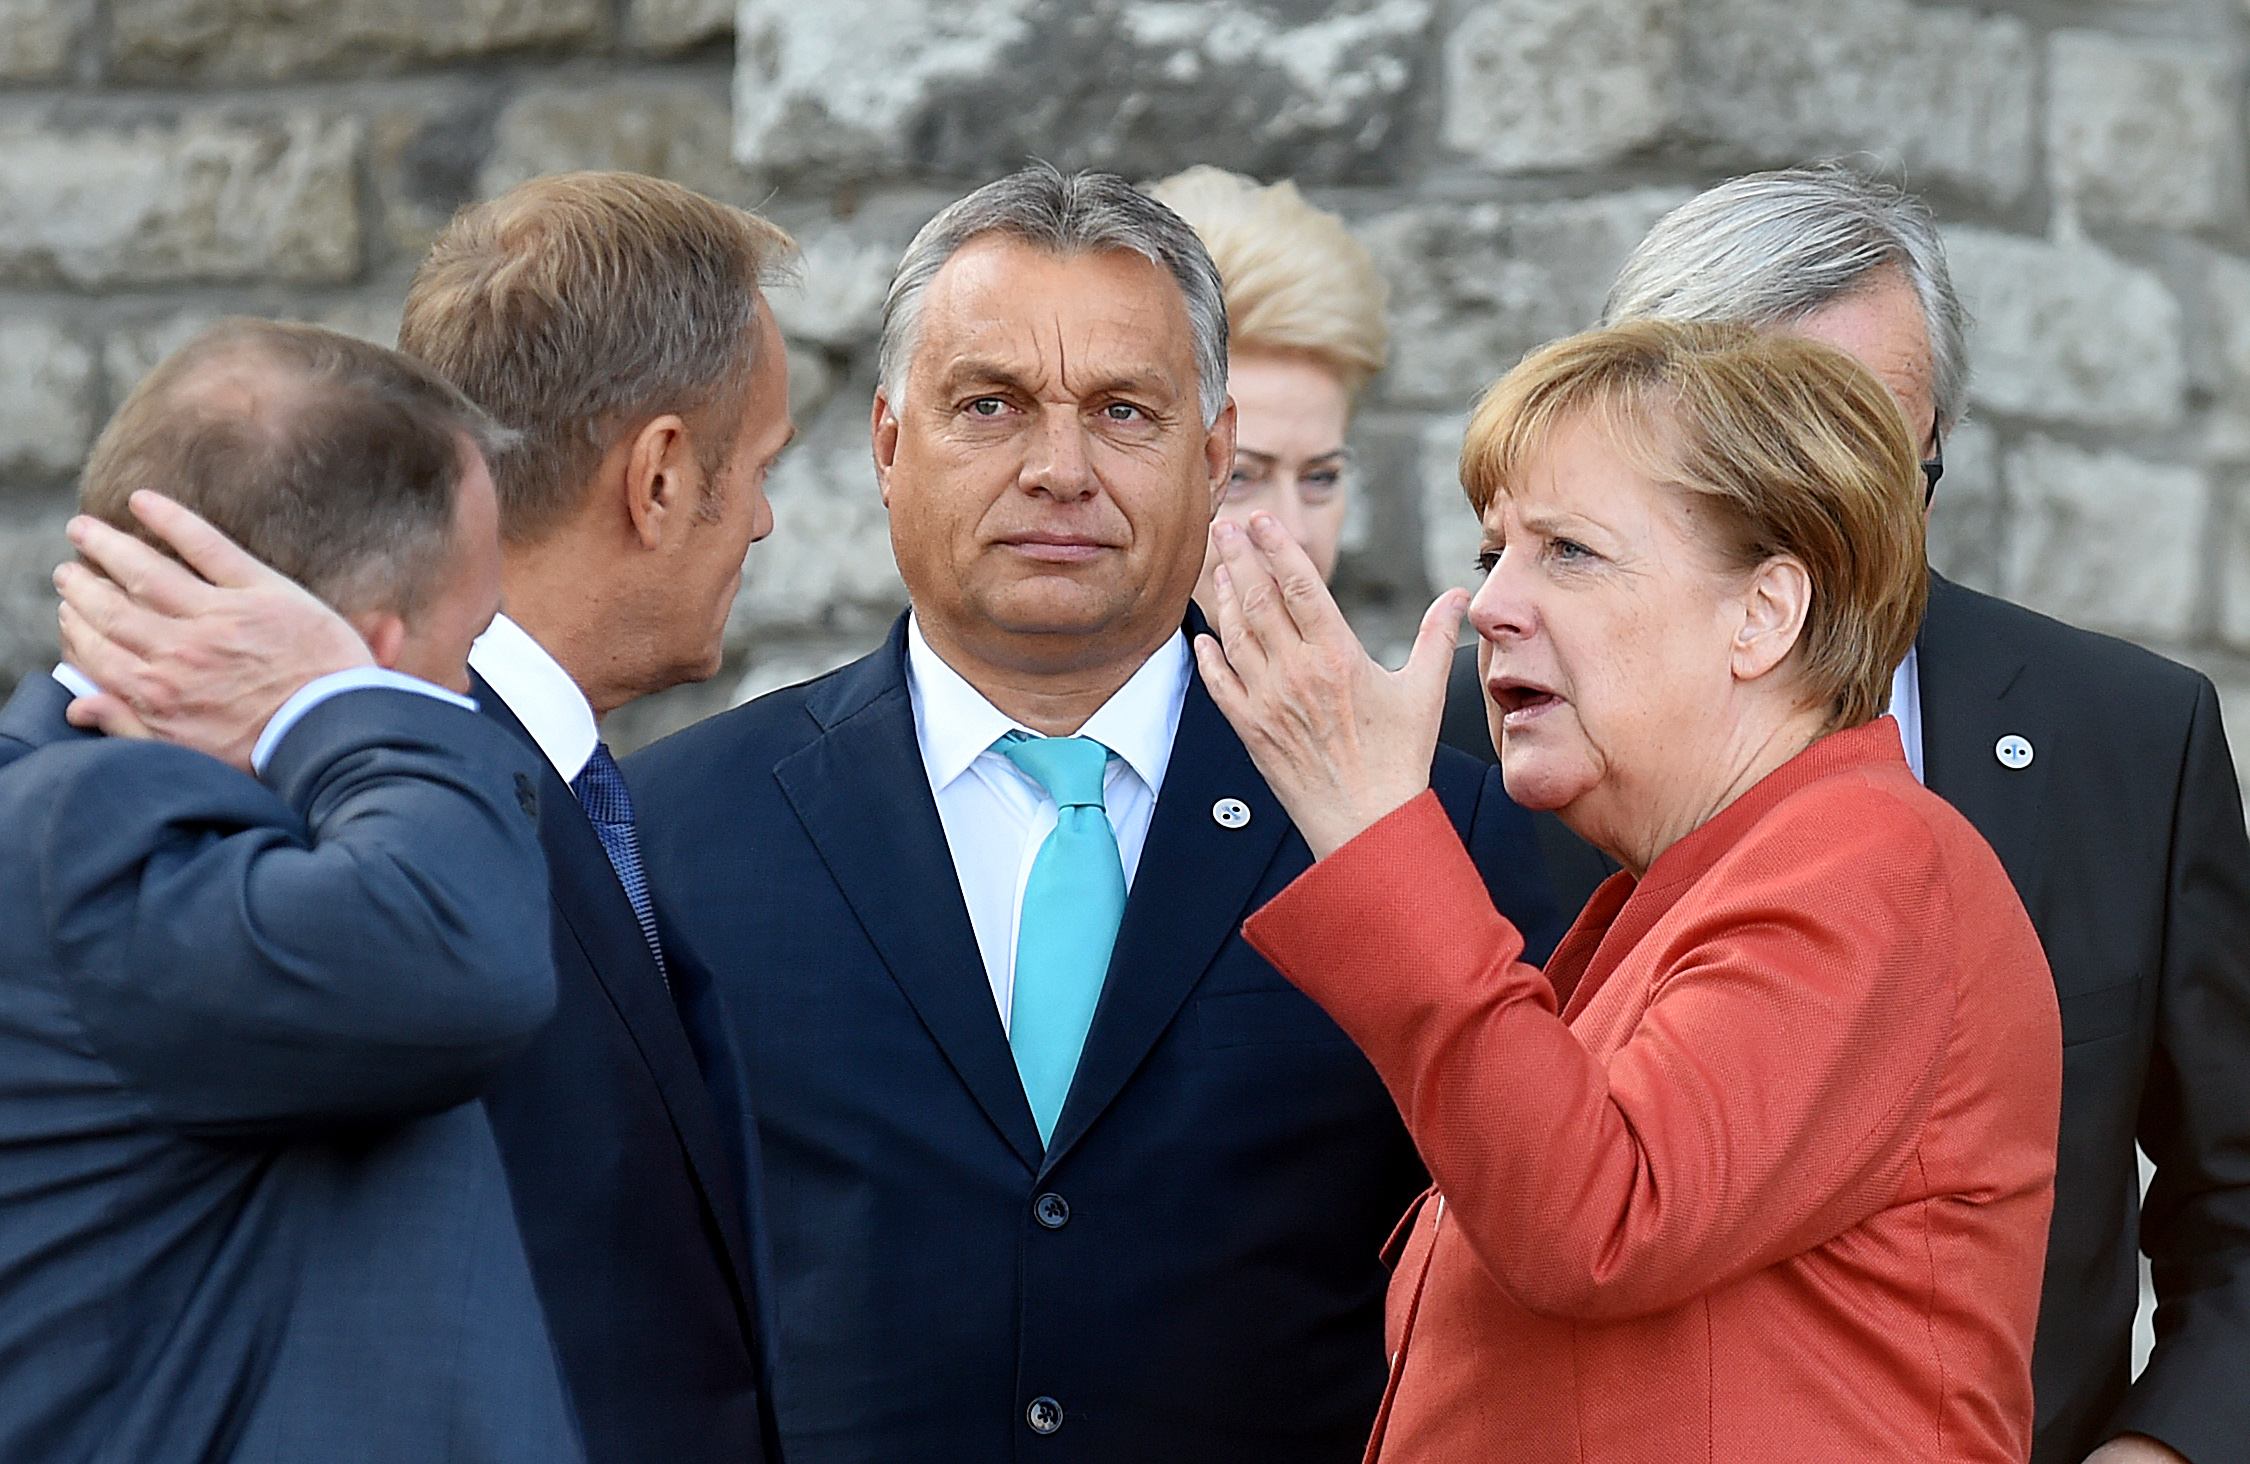 Merkel bedurvul: annak adna több támogatást, aki részt vesz a migrációs válság közös kezelésében